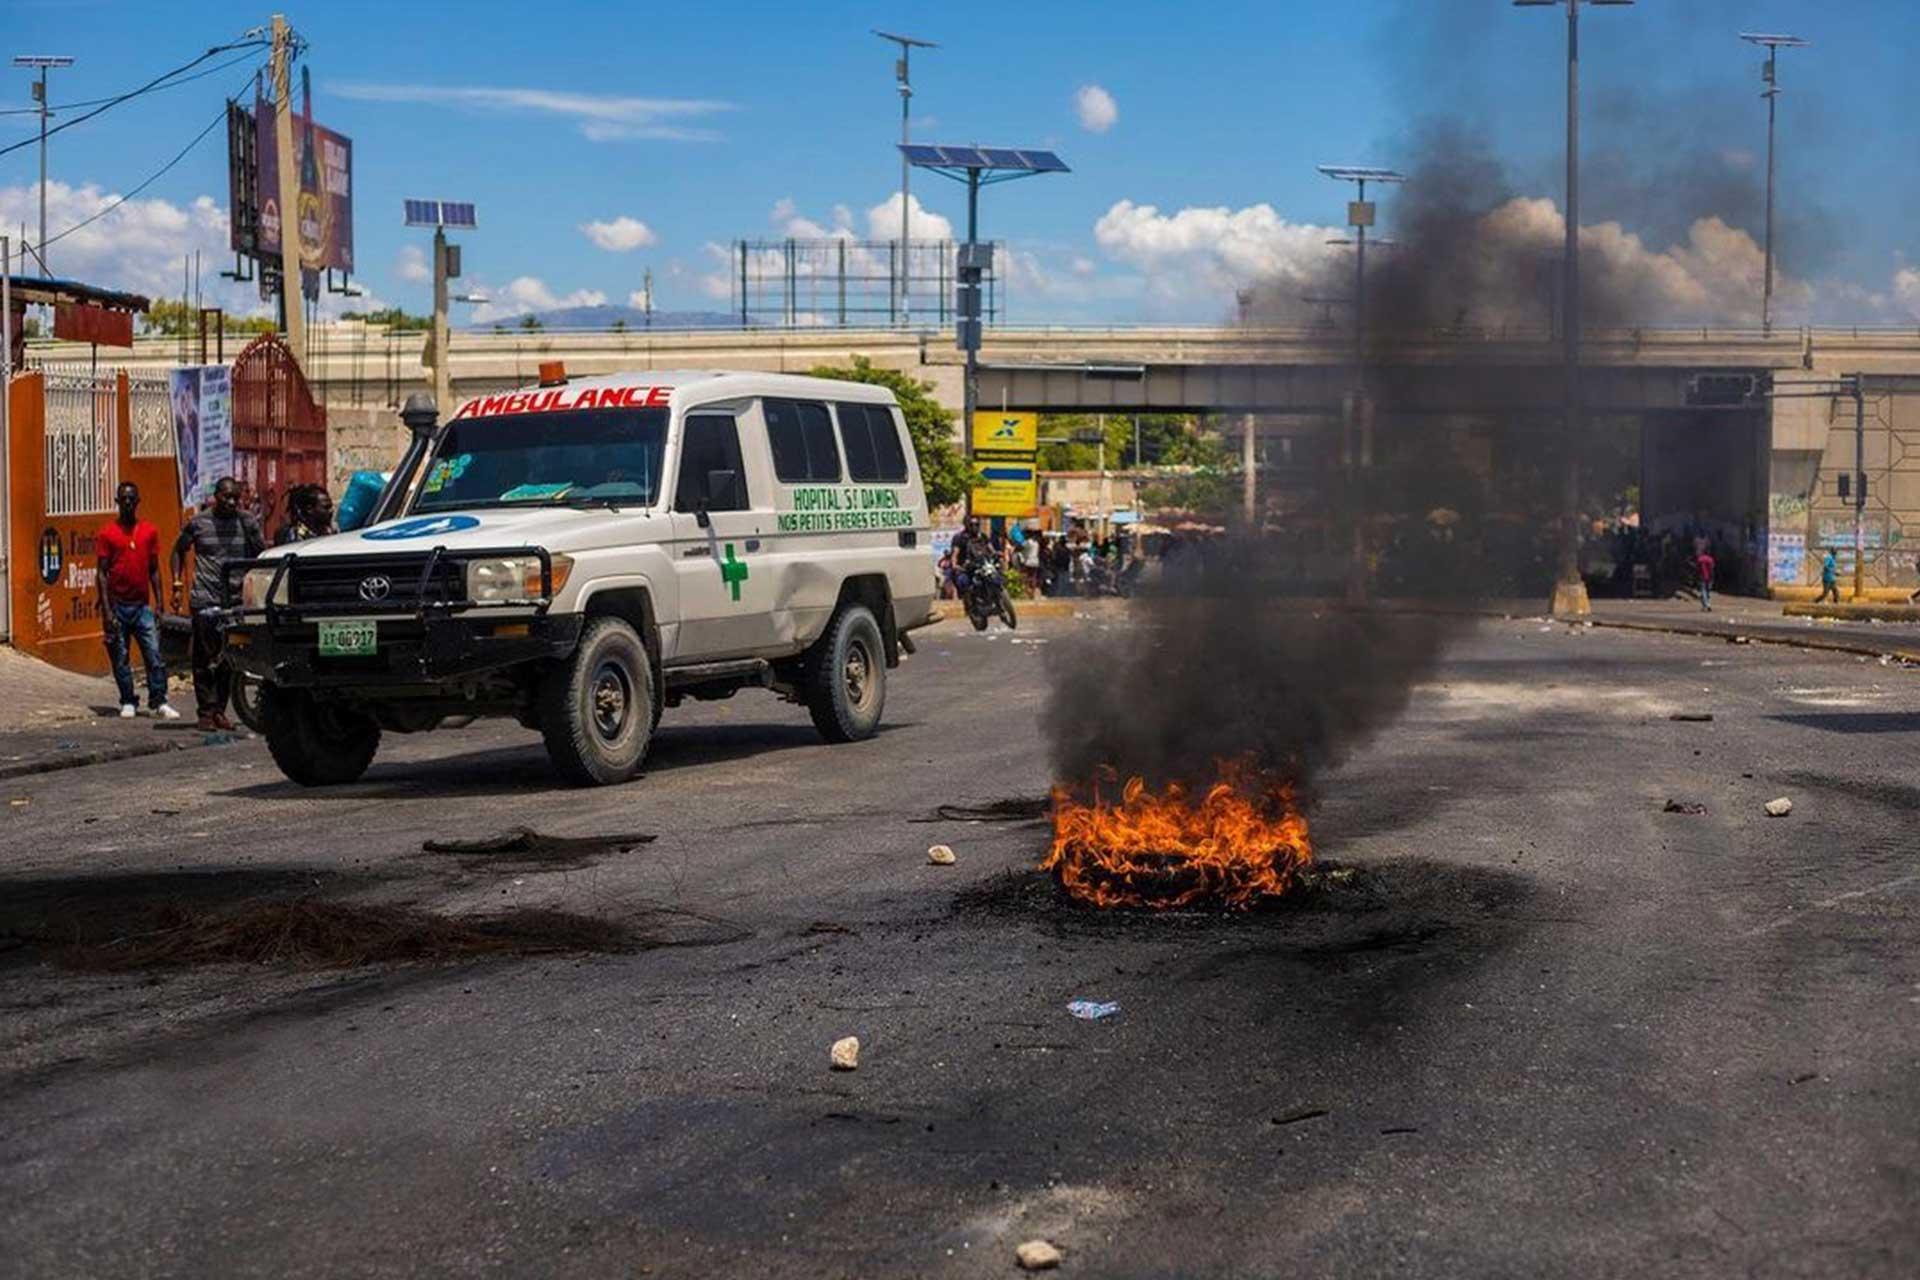 Imagen de ambulancia conduciendo quemando un neumático en medio de la carretera